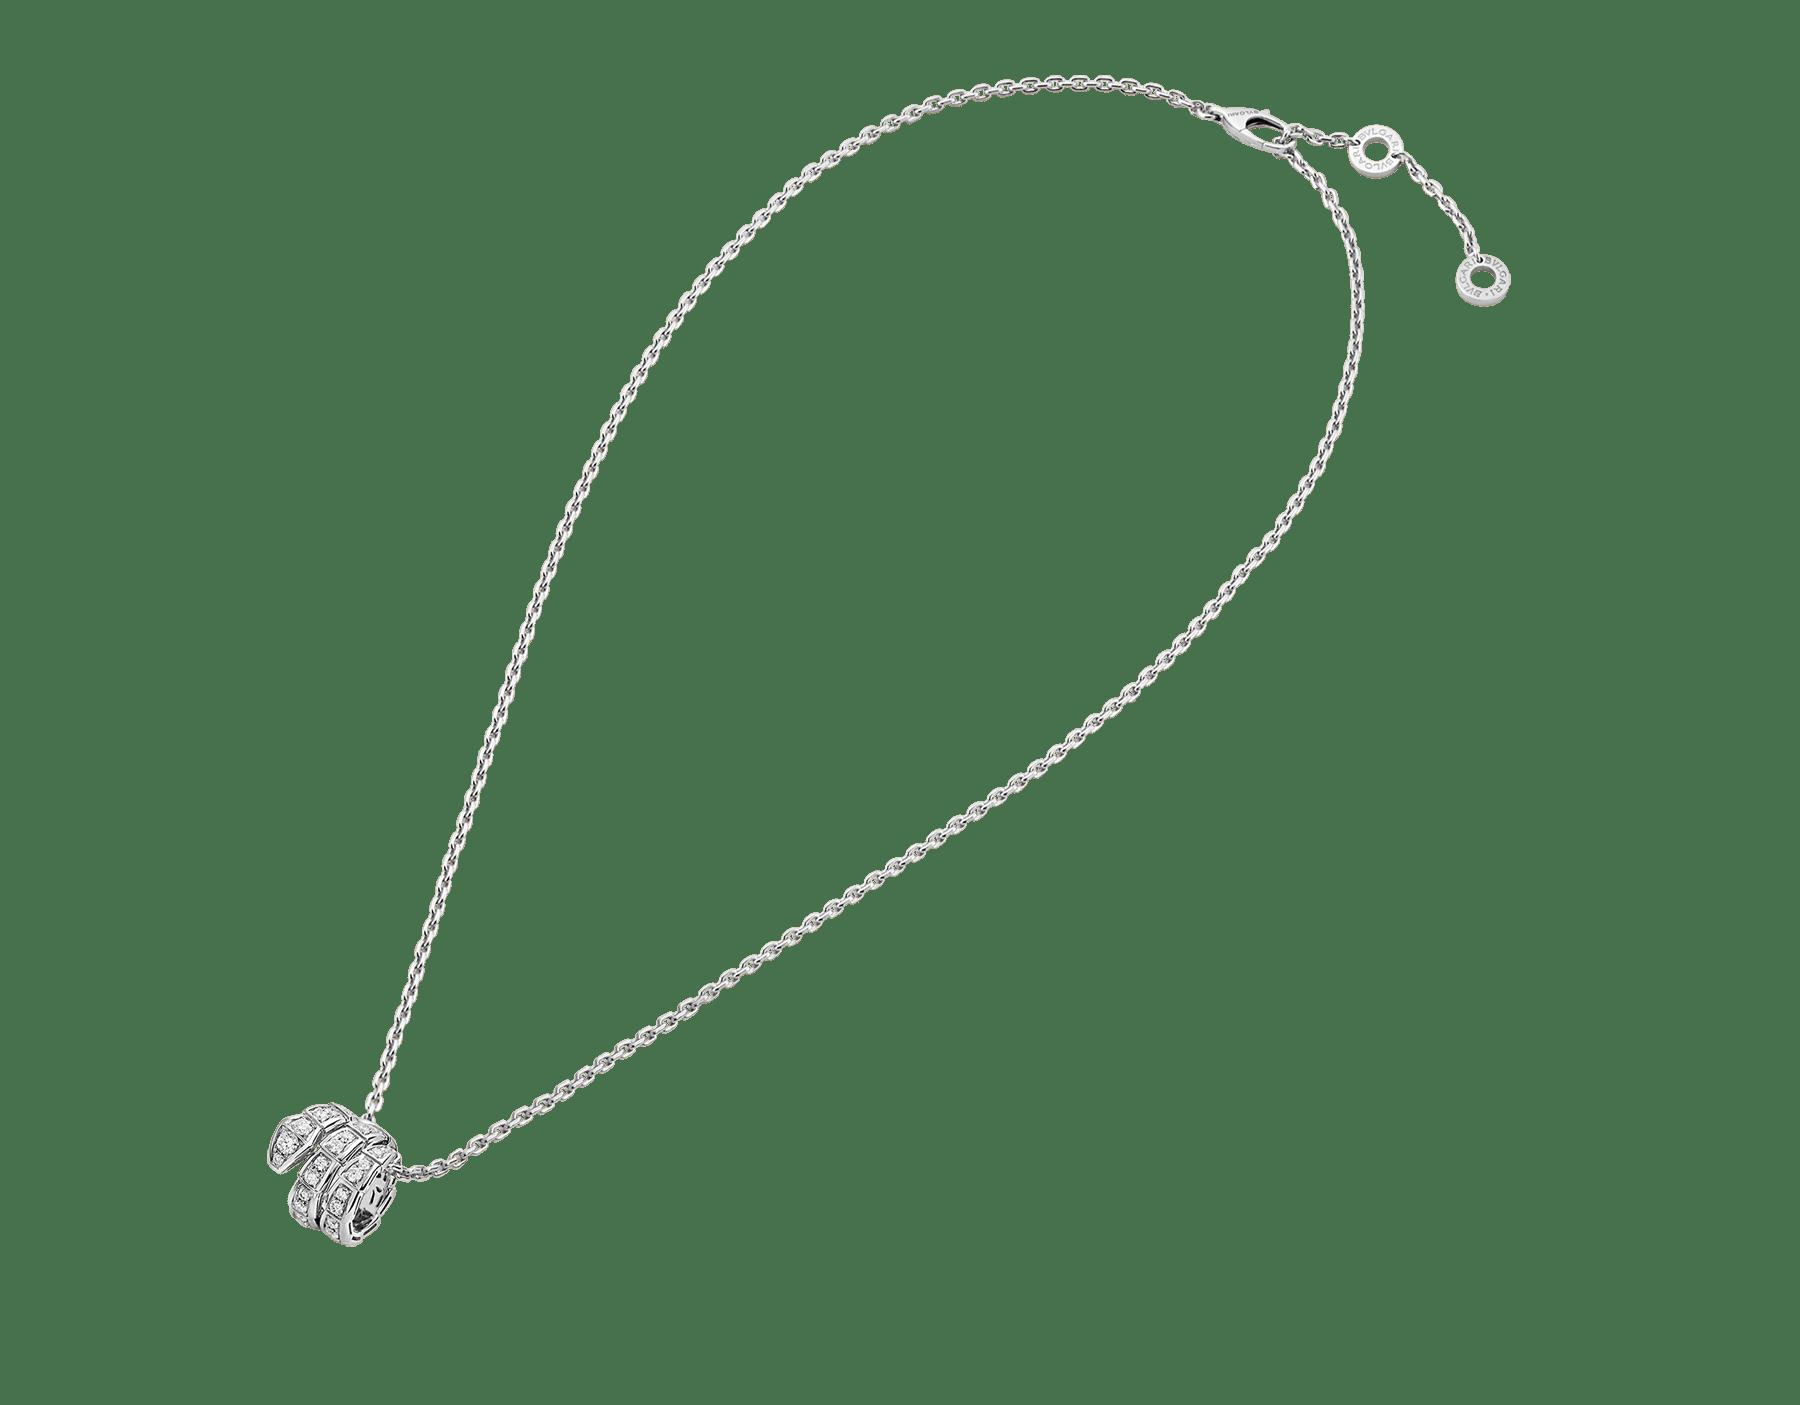 Collana con pendente Serpenti Viper in oro bianco 18 kt con pavé di diamanti. 357796 image 3